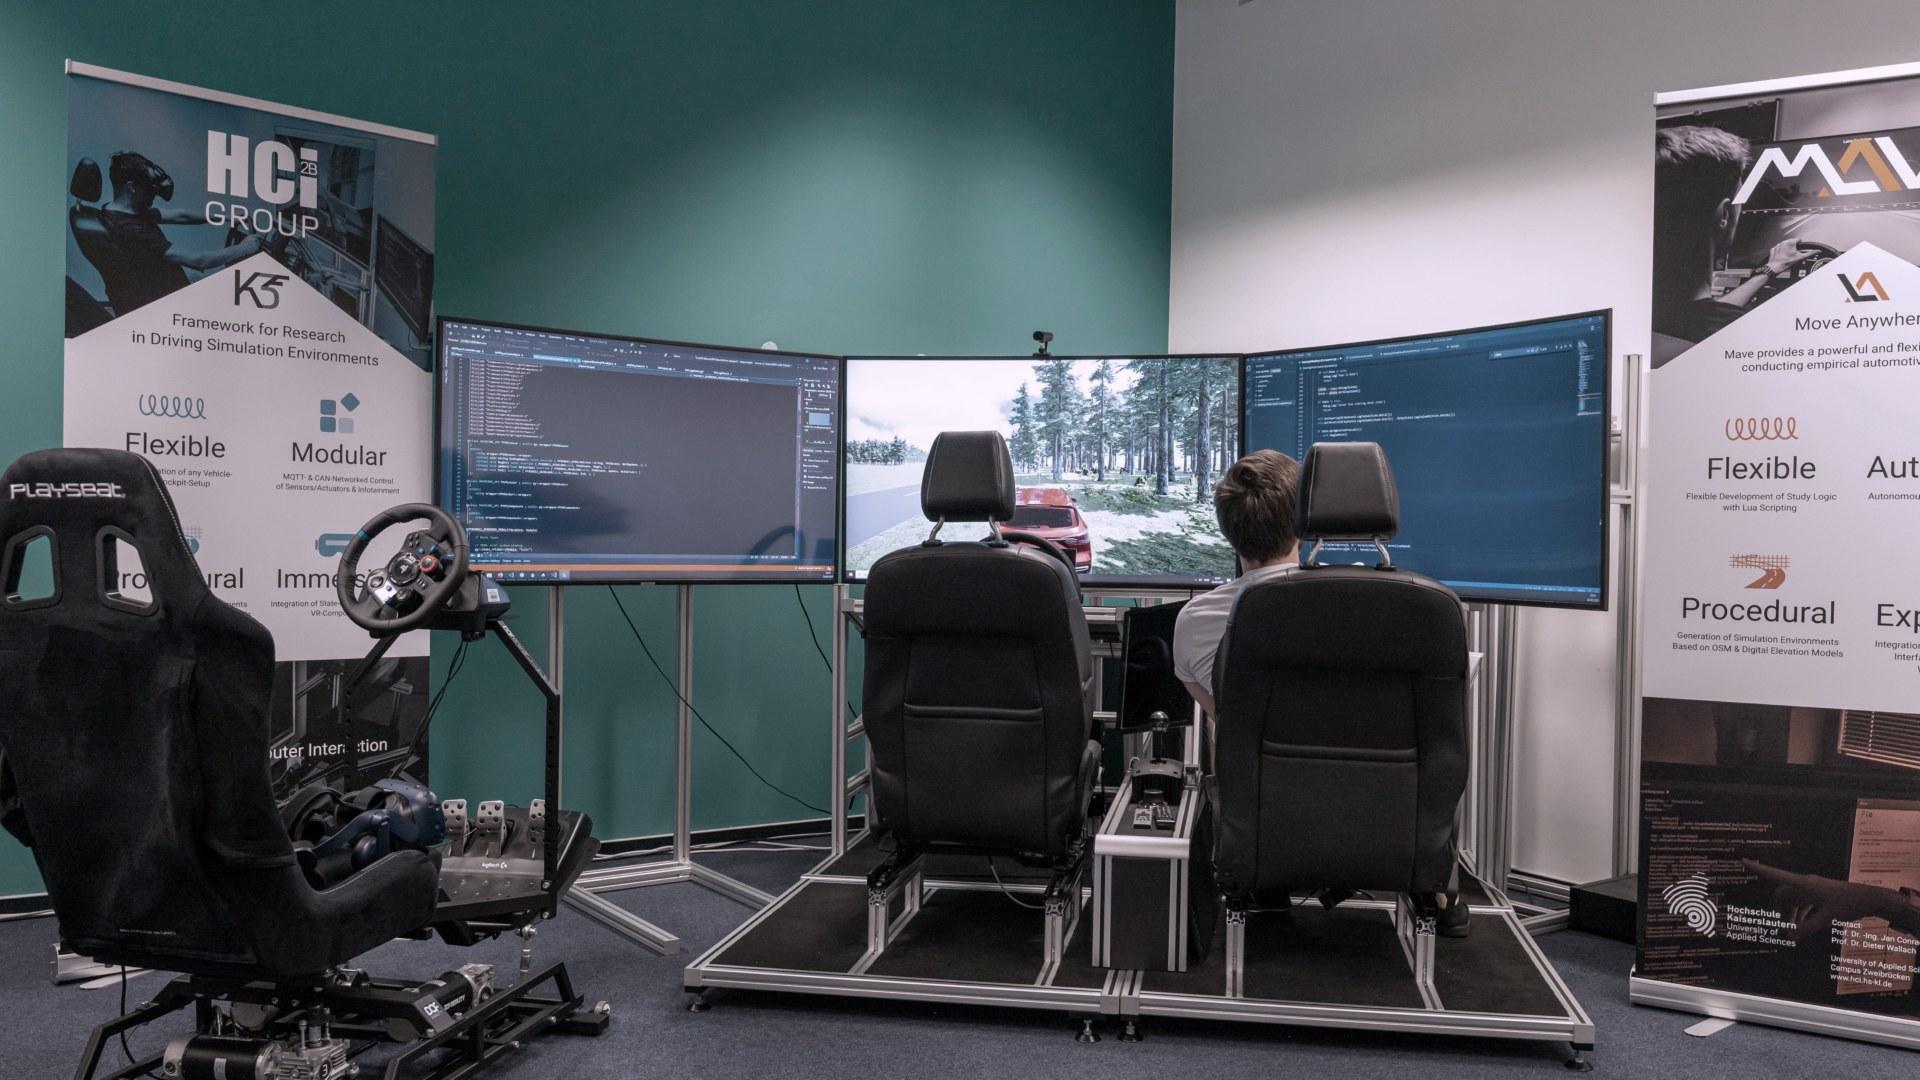 Prototyping, beispielsweise in Form von Fahrsimulationen, unterstützt die zielgerichtete Überprüfung neuer Produktkonzepte